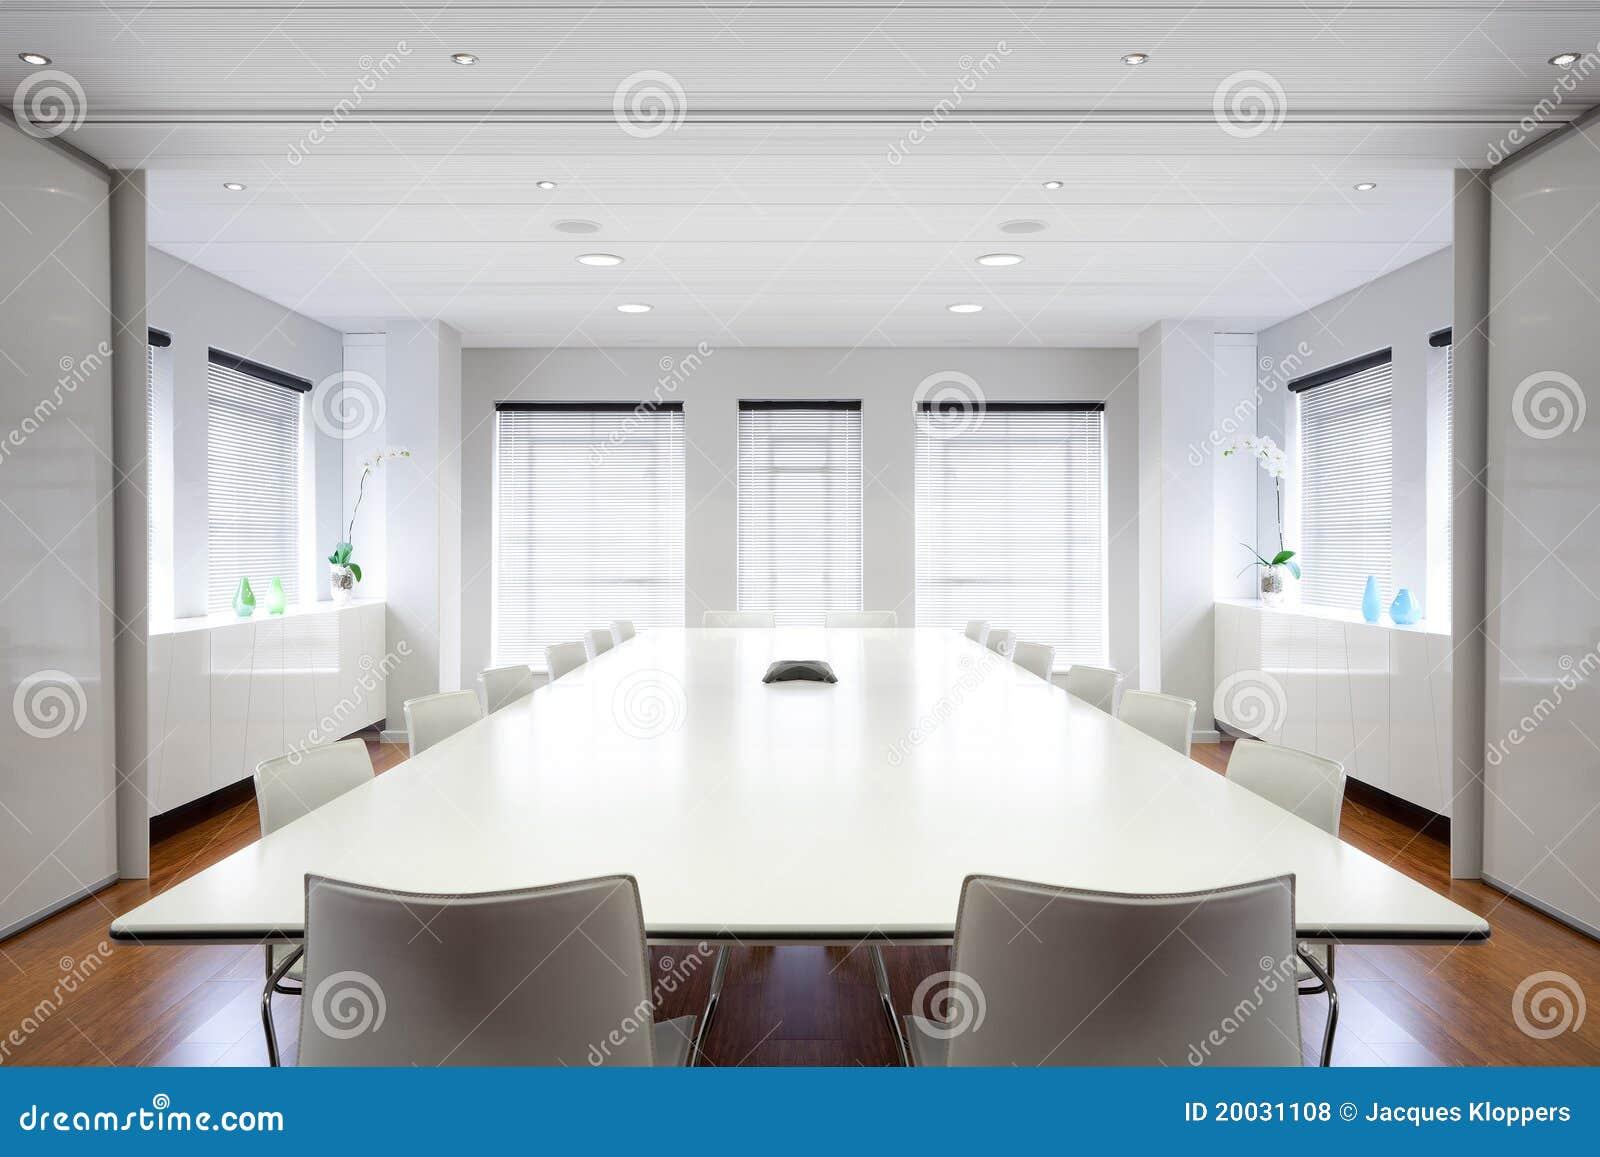 Sala de reunión moderna de la oficina llenada de la luz.